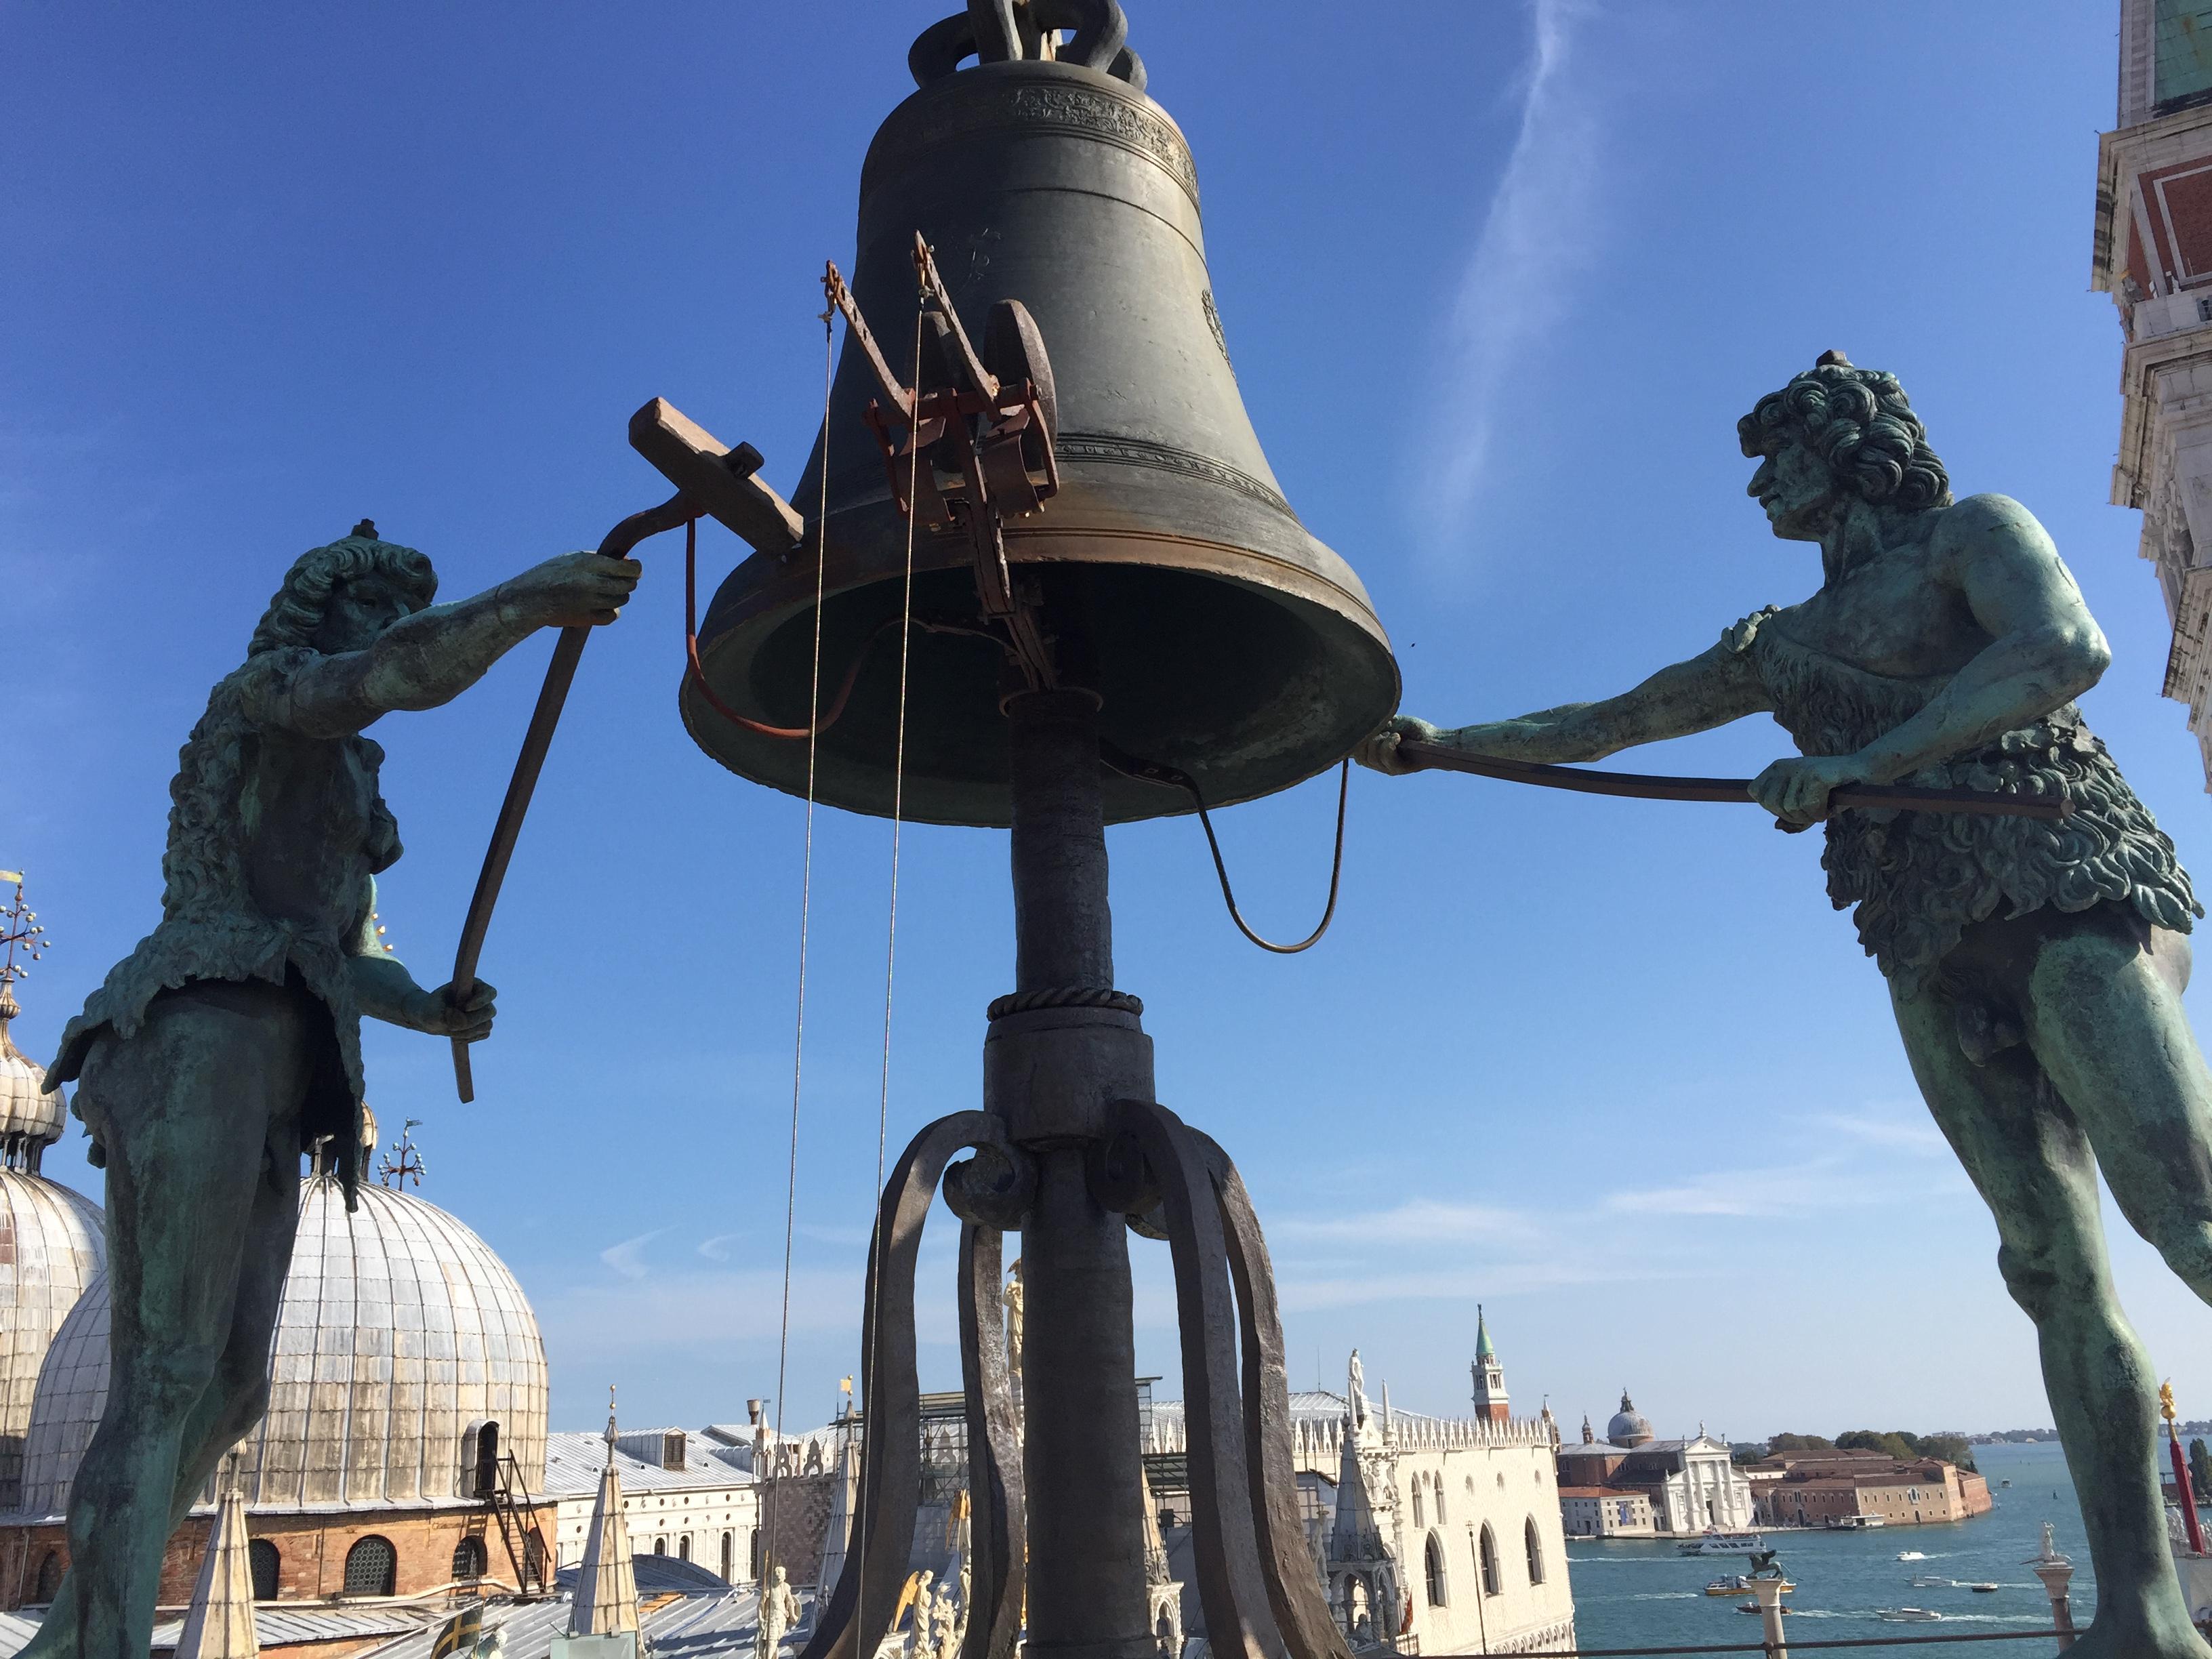 img 1557 - Subiendo al reloj astronómico de Venecia y Panoramica de la Piazza San Marcos